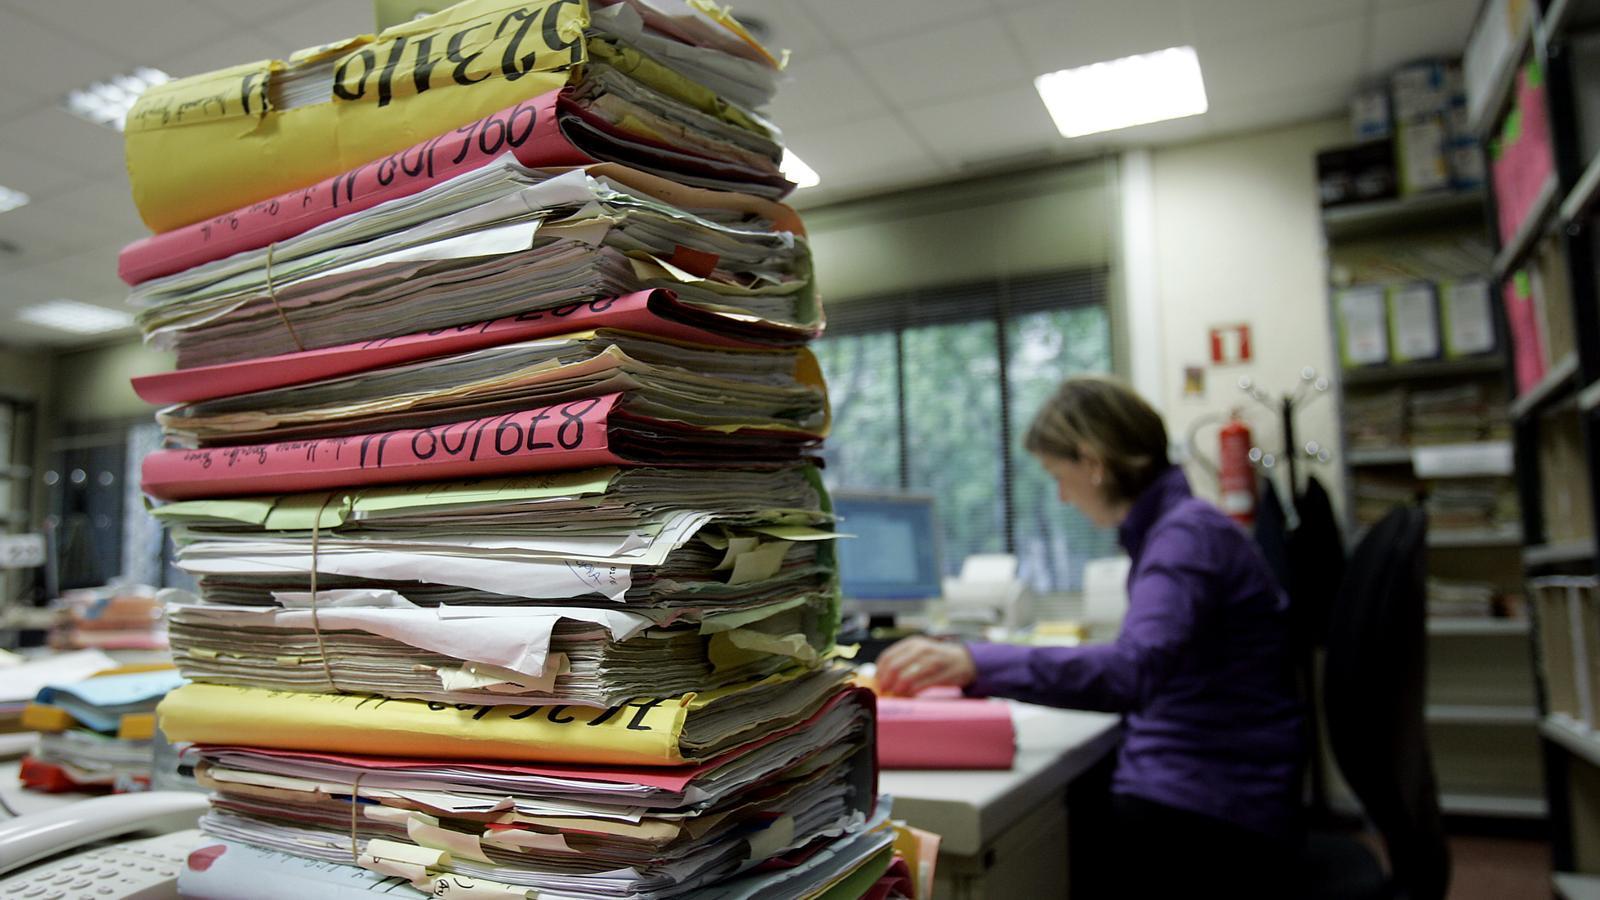 TONES DE PAPER Els jutjats generen milers de folis diaris que compliquen l'organització i en dificulten els processos.